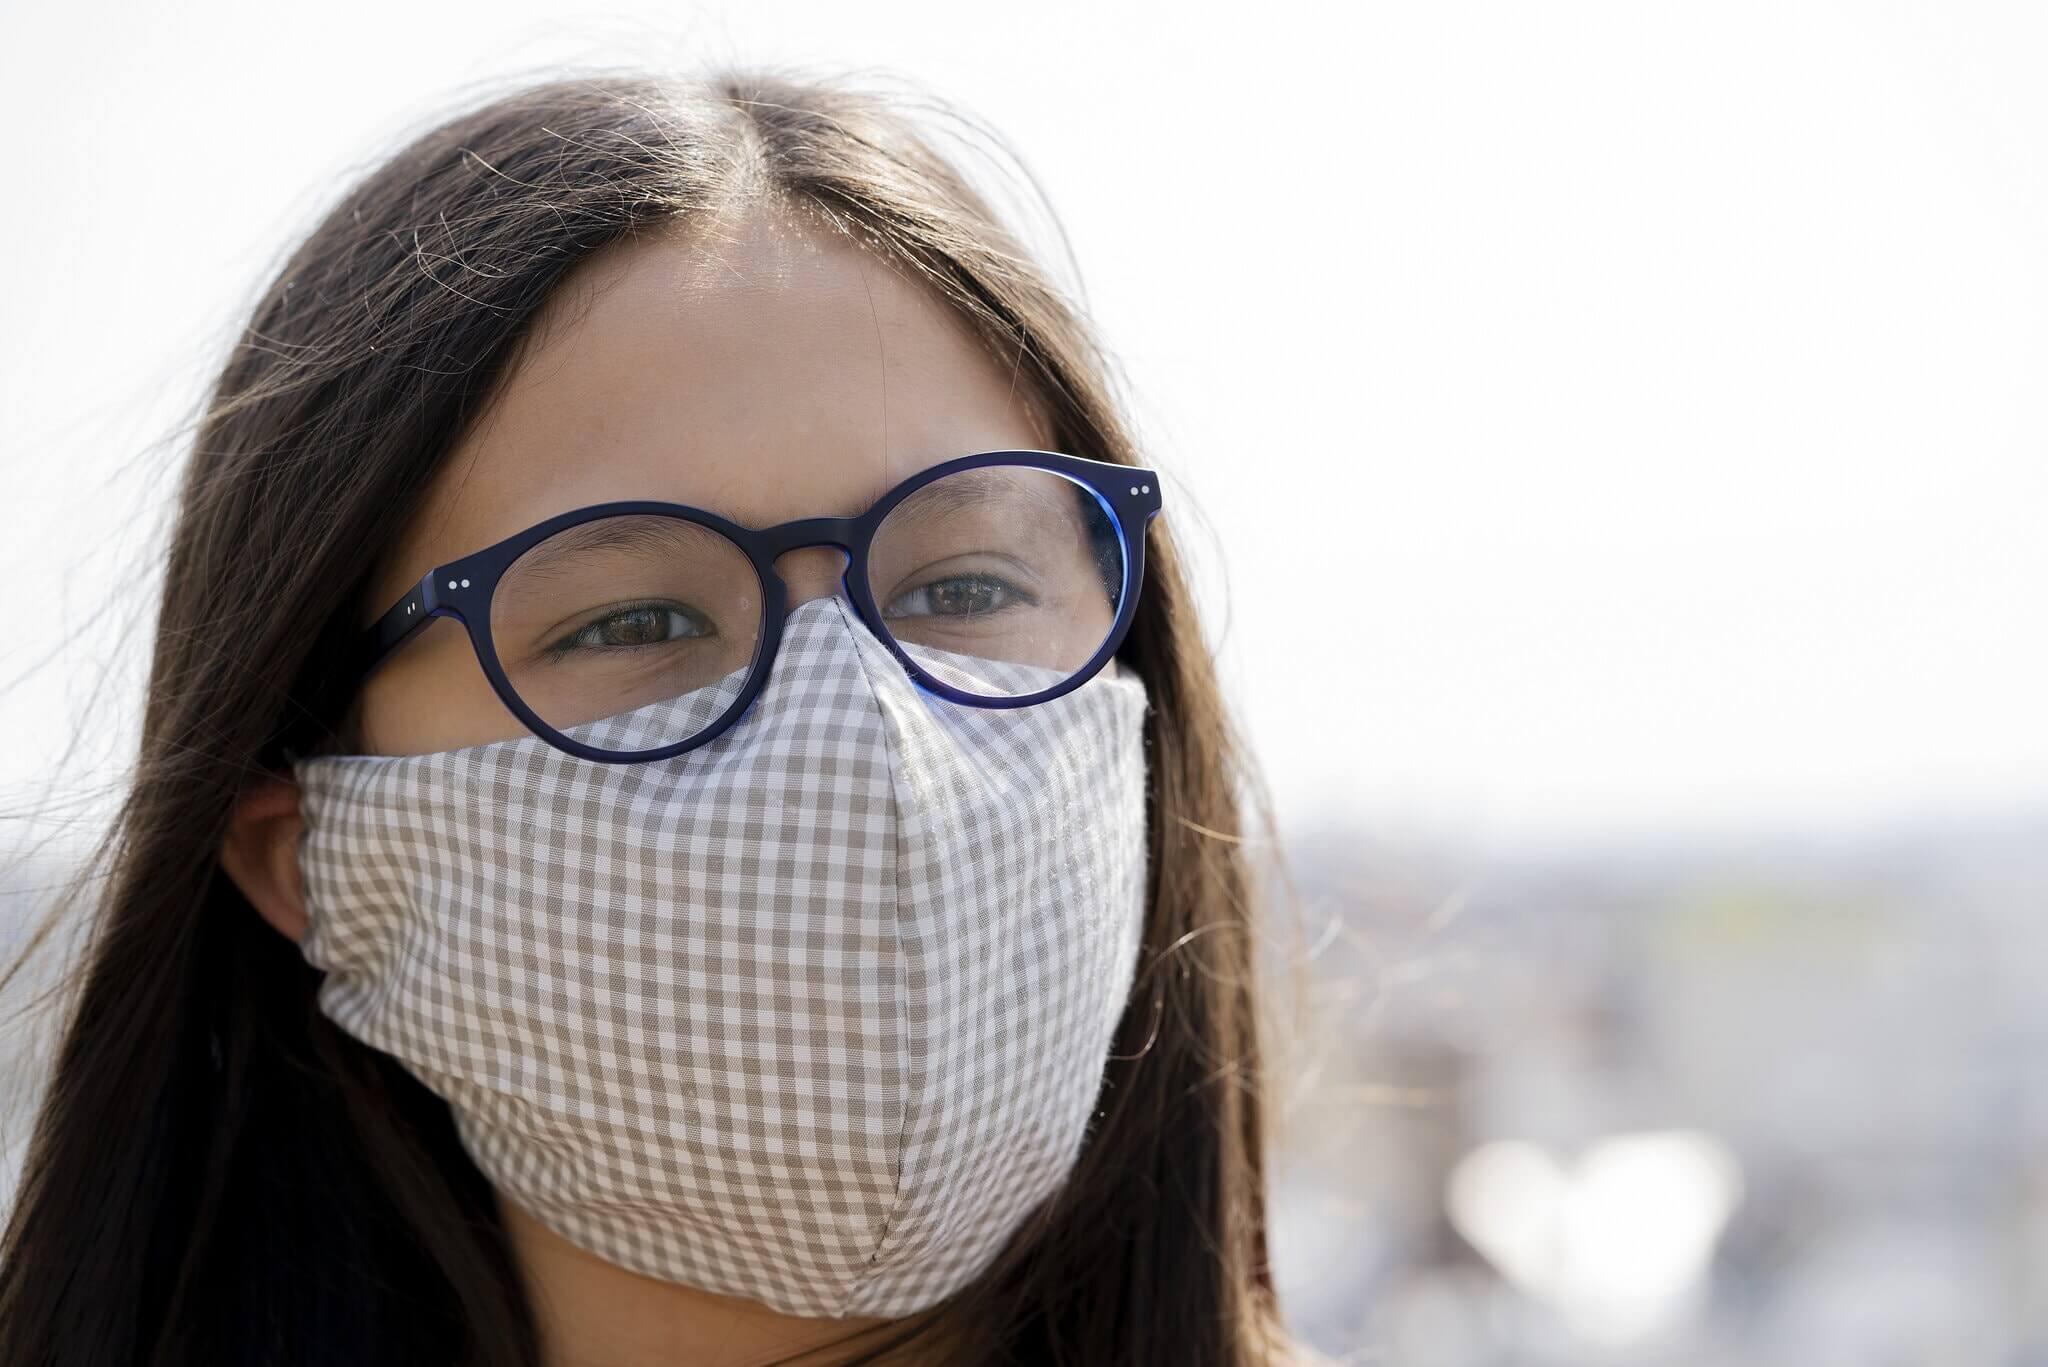 Может ли ношение очков защитить от коронавируса?